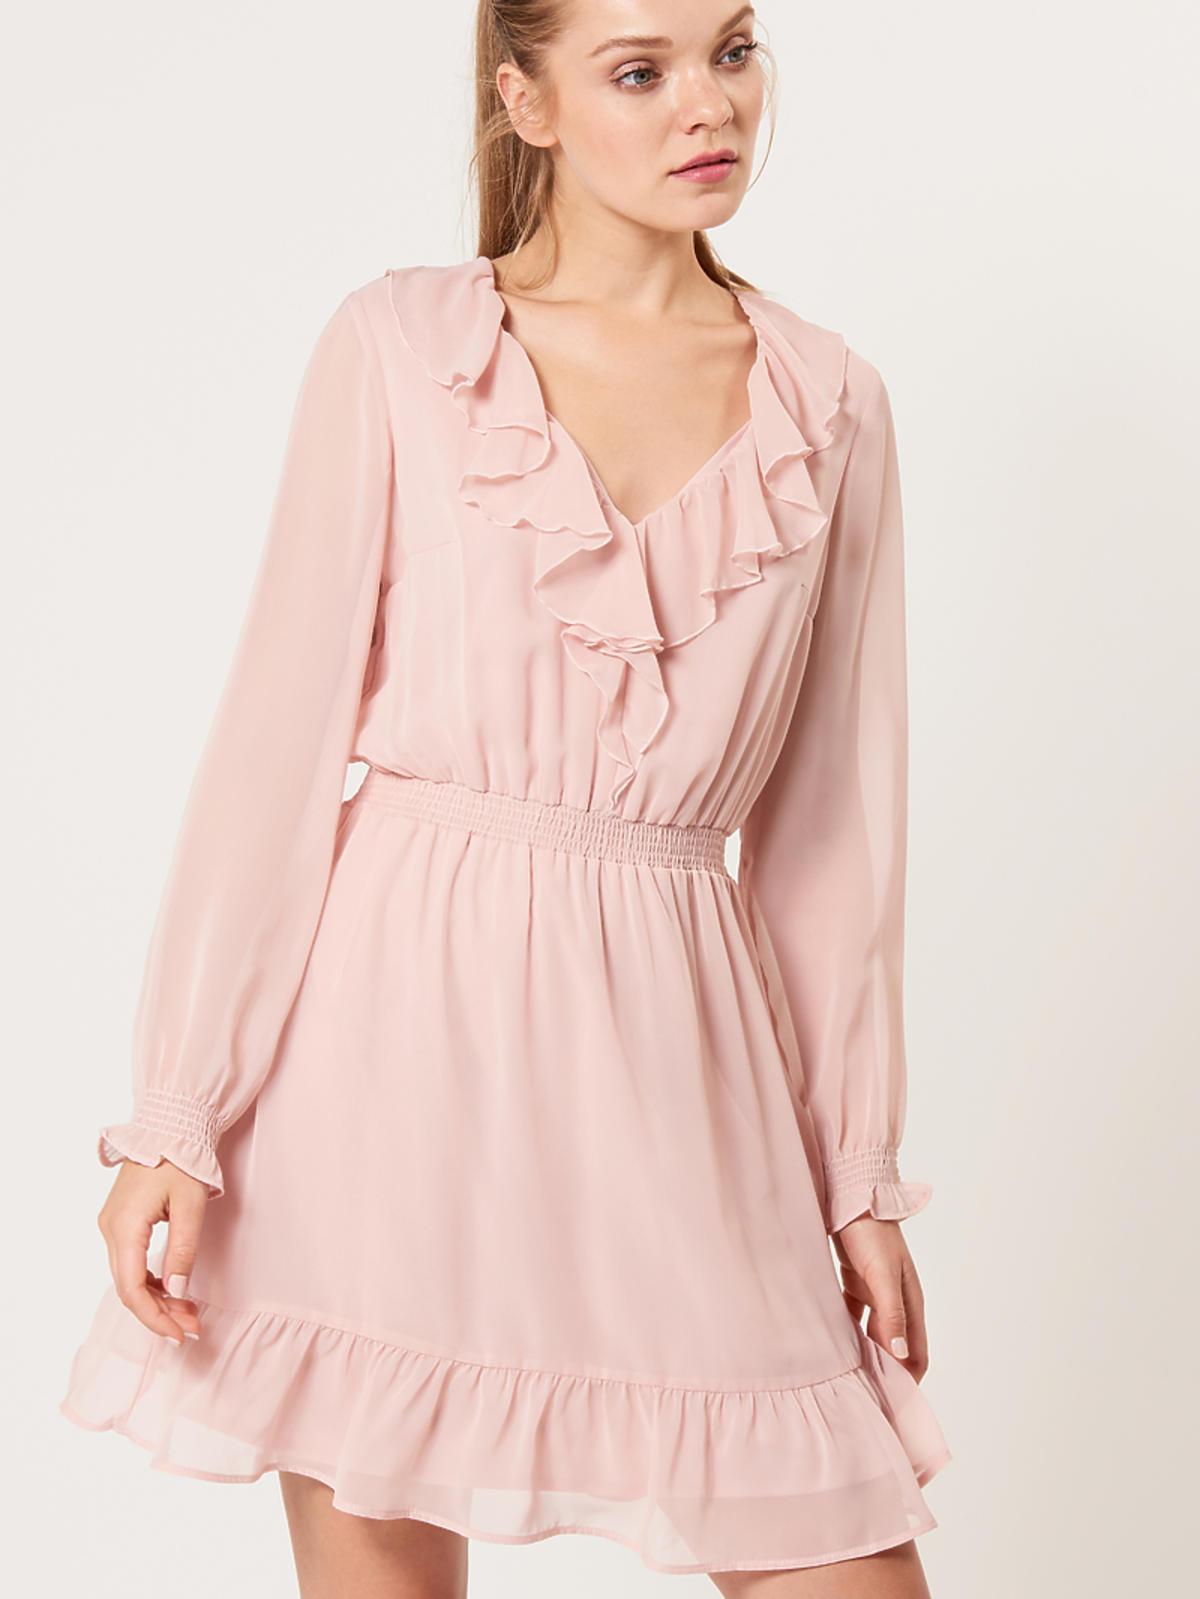 Jasnoróżowa sukienka z falbanami, Mohito, 89,99 (139,90 zł)